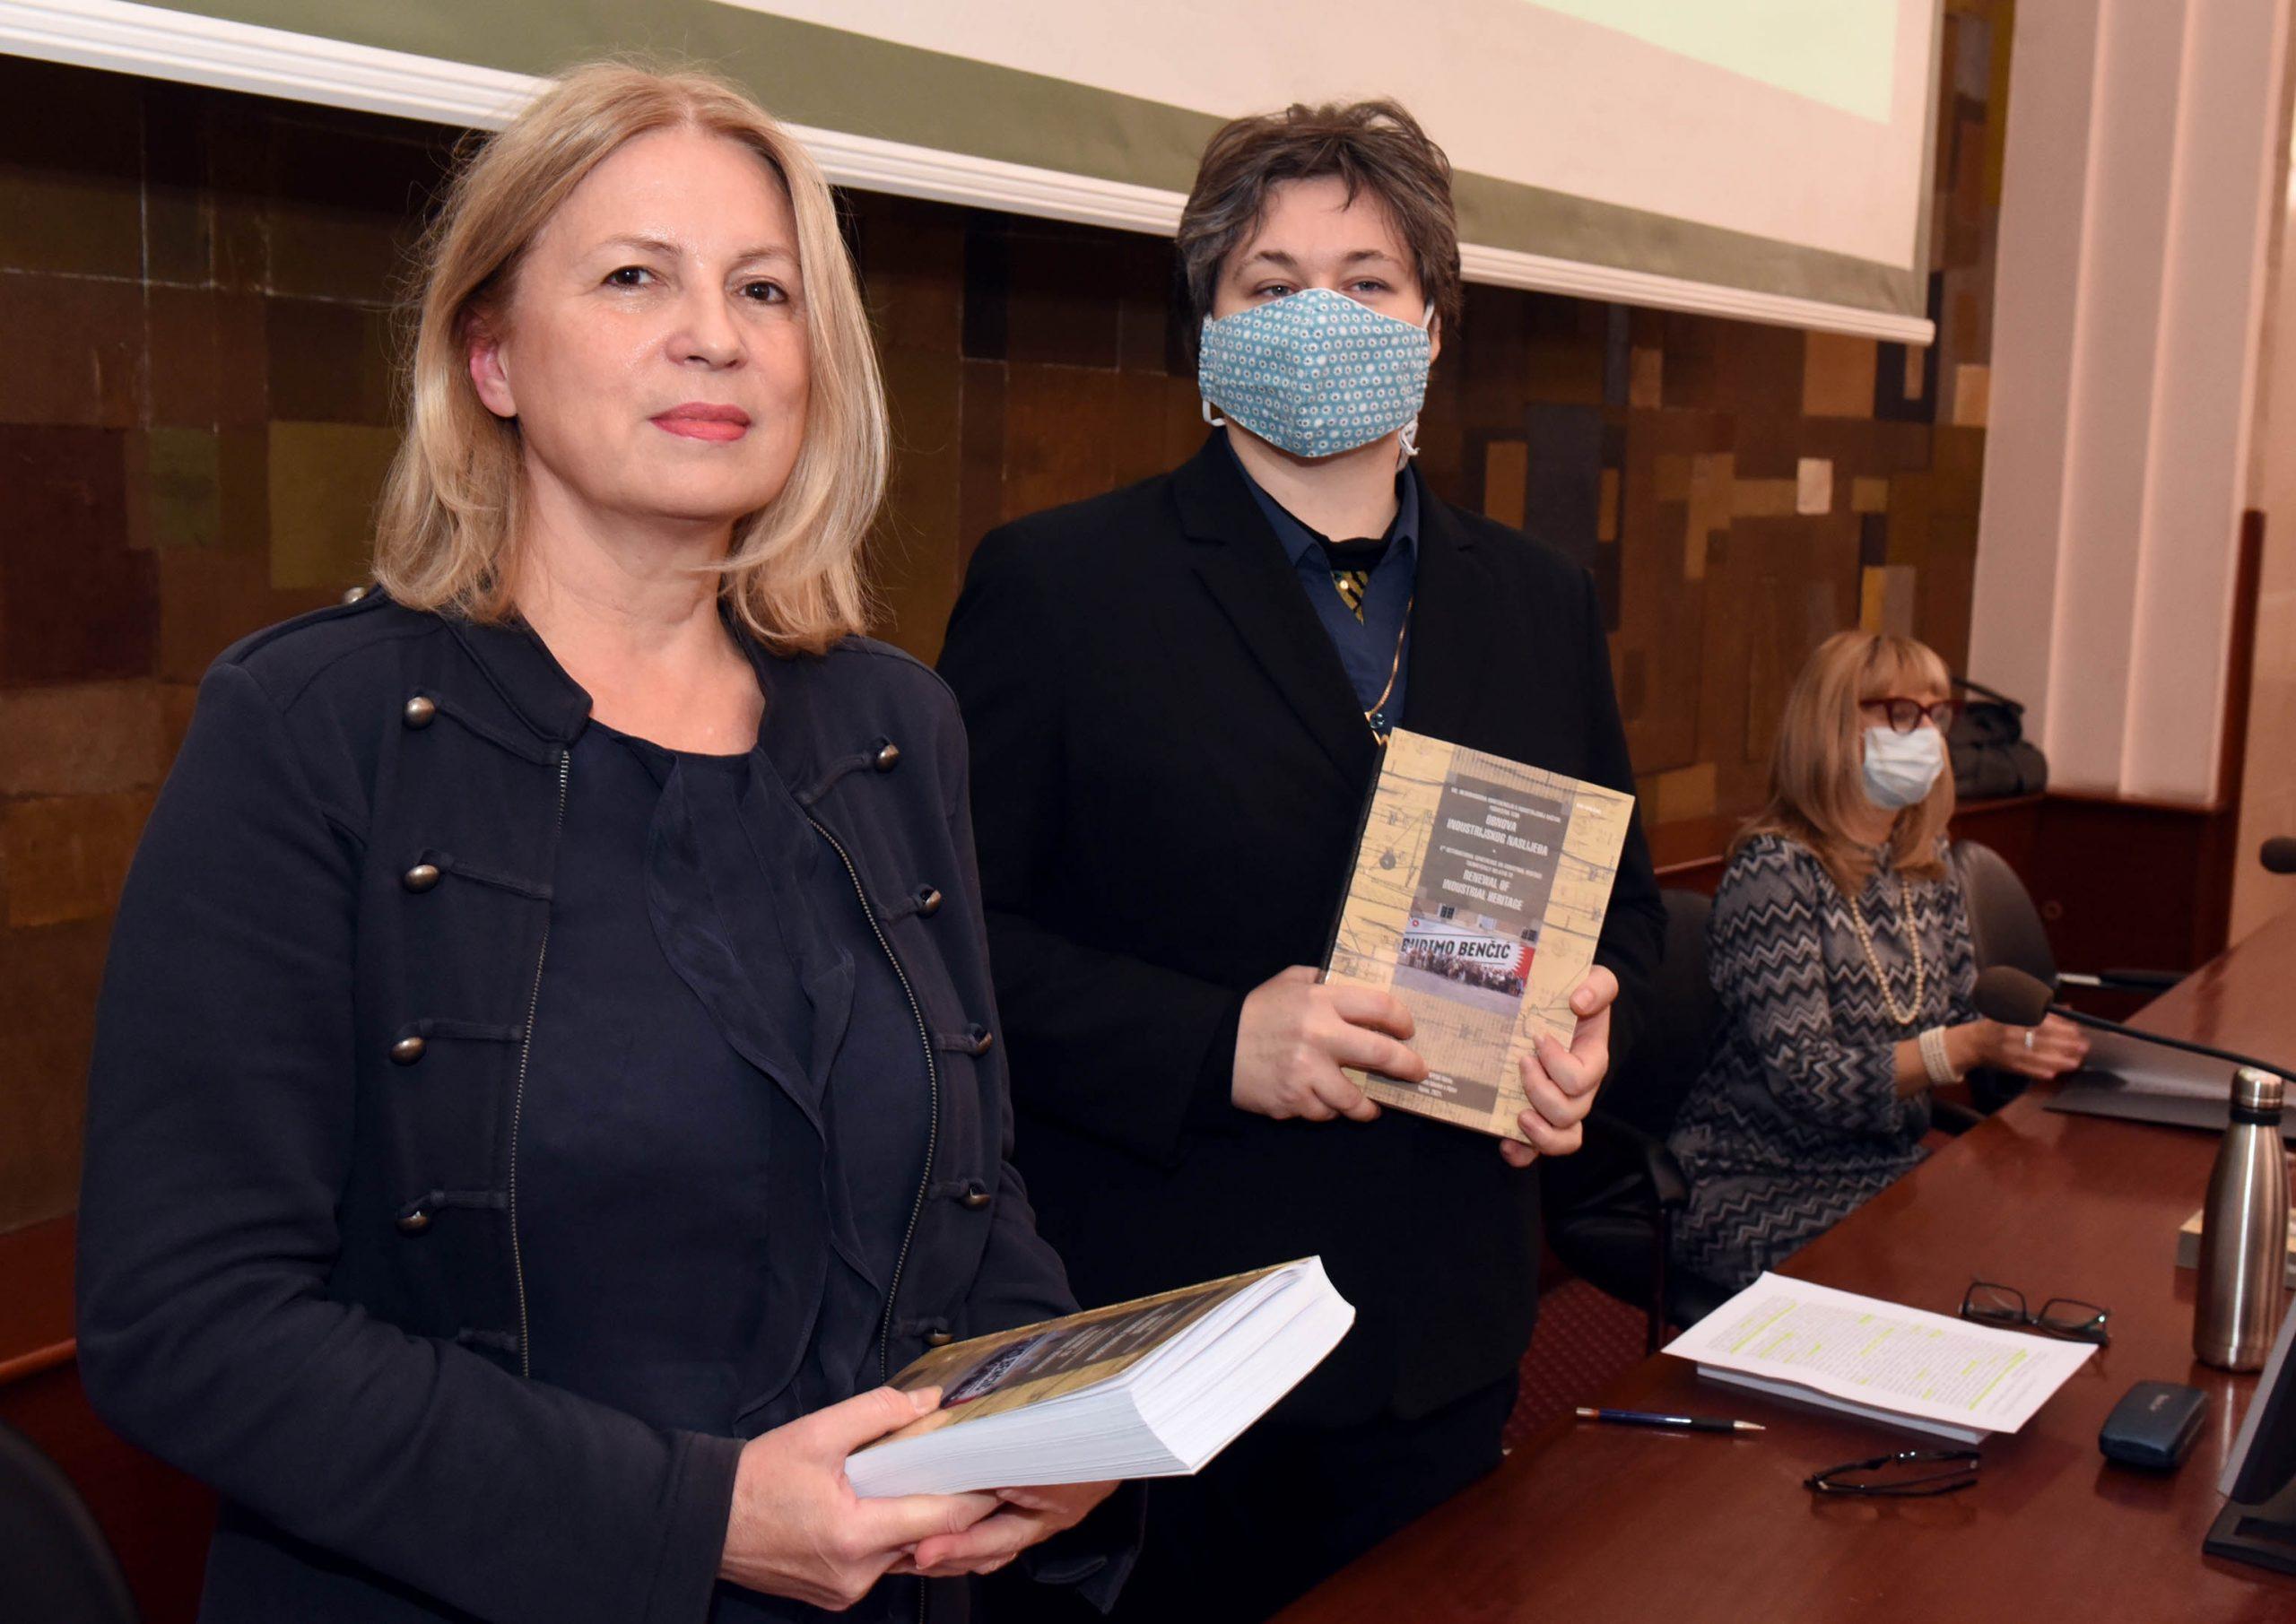 Nana Palinić i Iva Mrak / Foto Marko Gracin